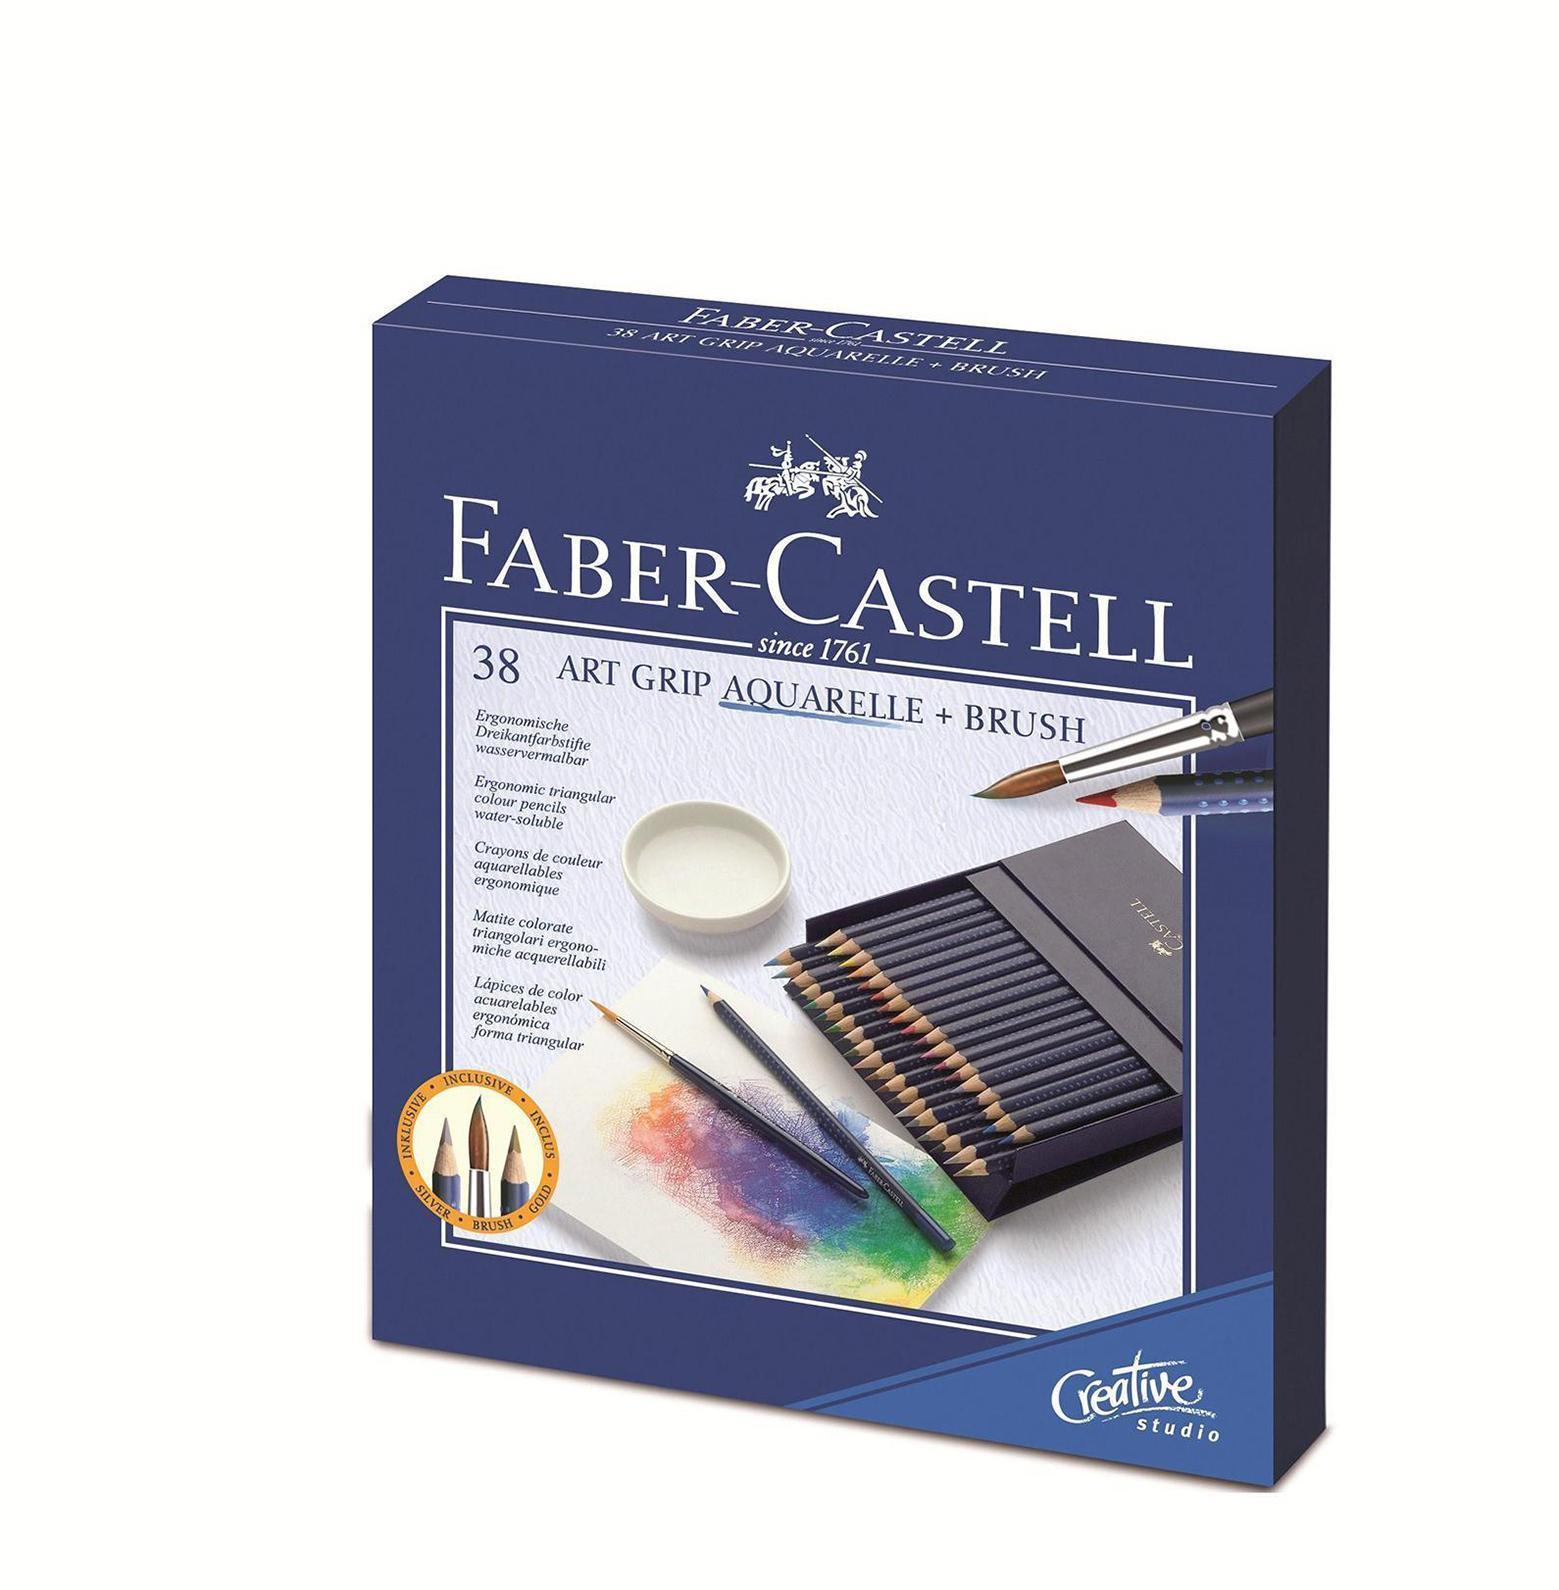 Акварельные карандаши ART GRIP AQUARELLE с кисточкой, набор цветов, в студийной (кожзам) коробке , 38 шт.256600Вид карандаша: Акварельный.Материал: дерево.